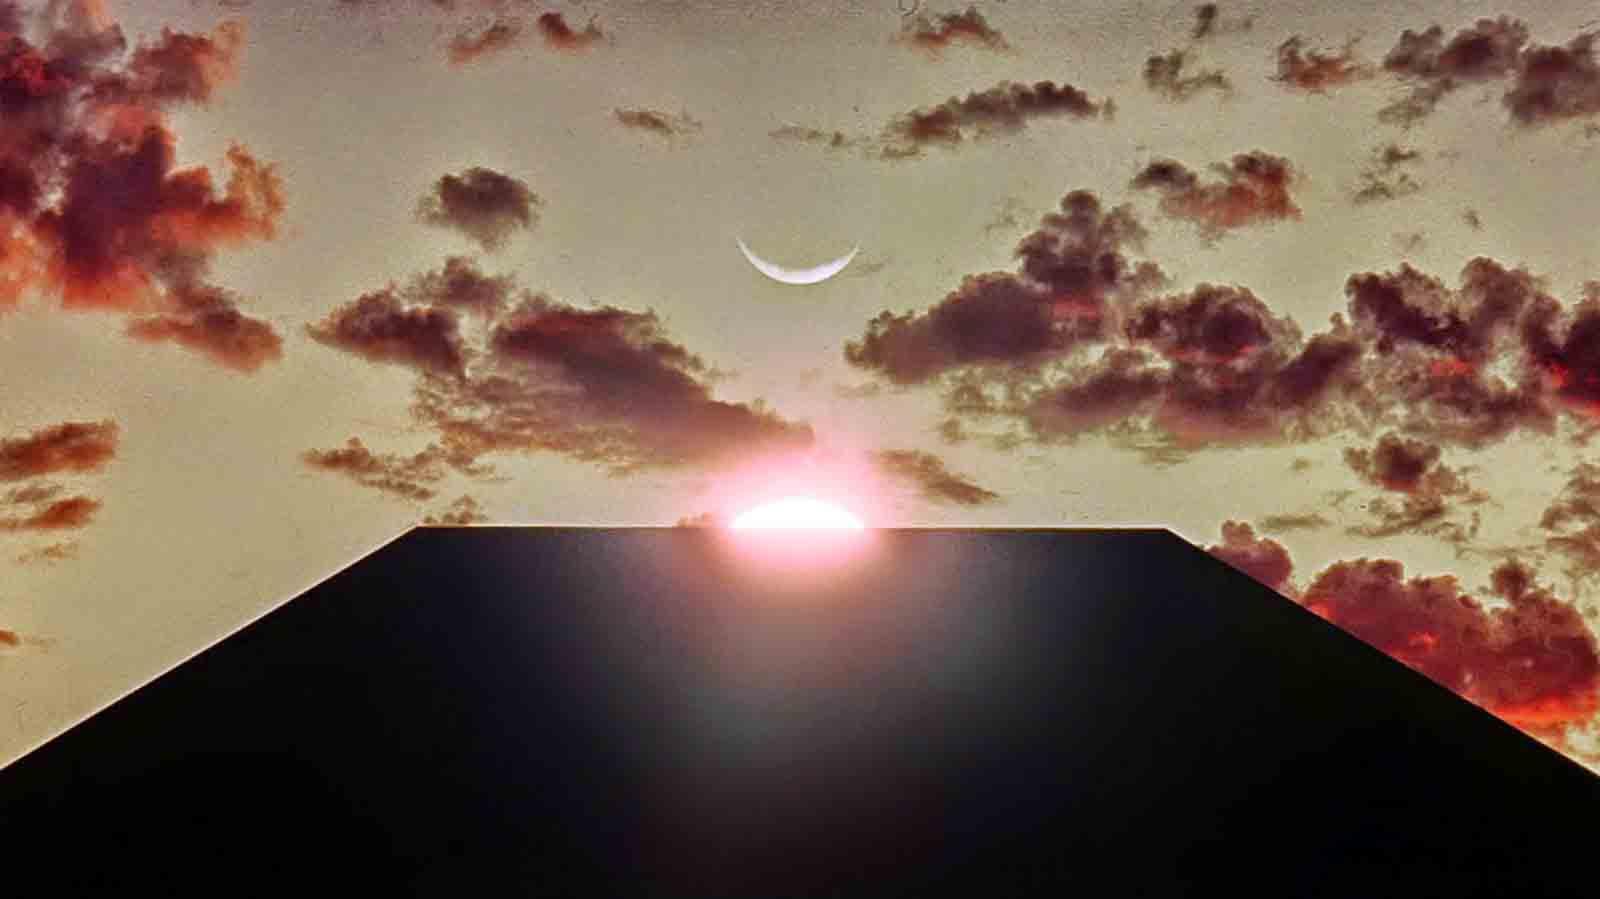 C3 De la astrobiología a la inteligencia artificial: un viaje de cine